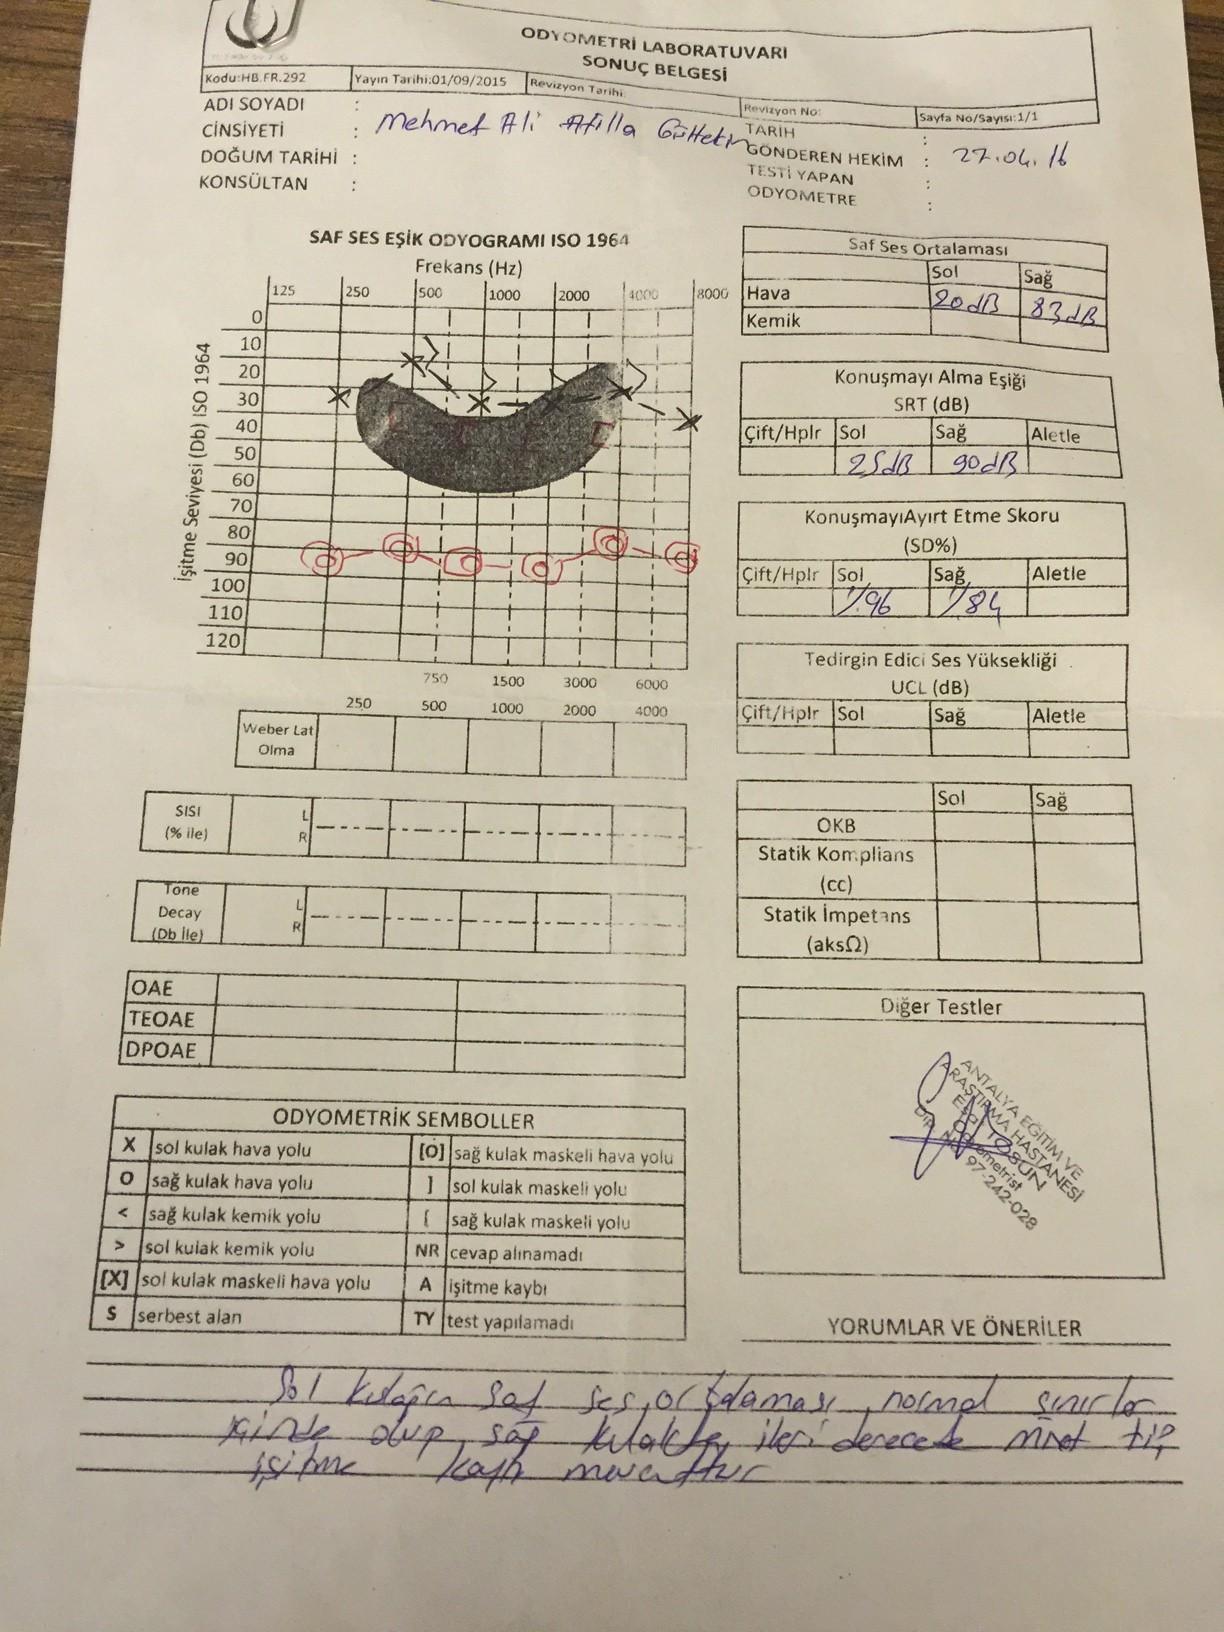 1d5JDb - İşitme testinden özür oranı hesaplanması